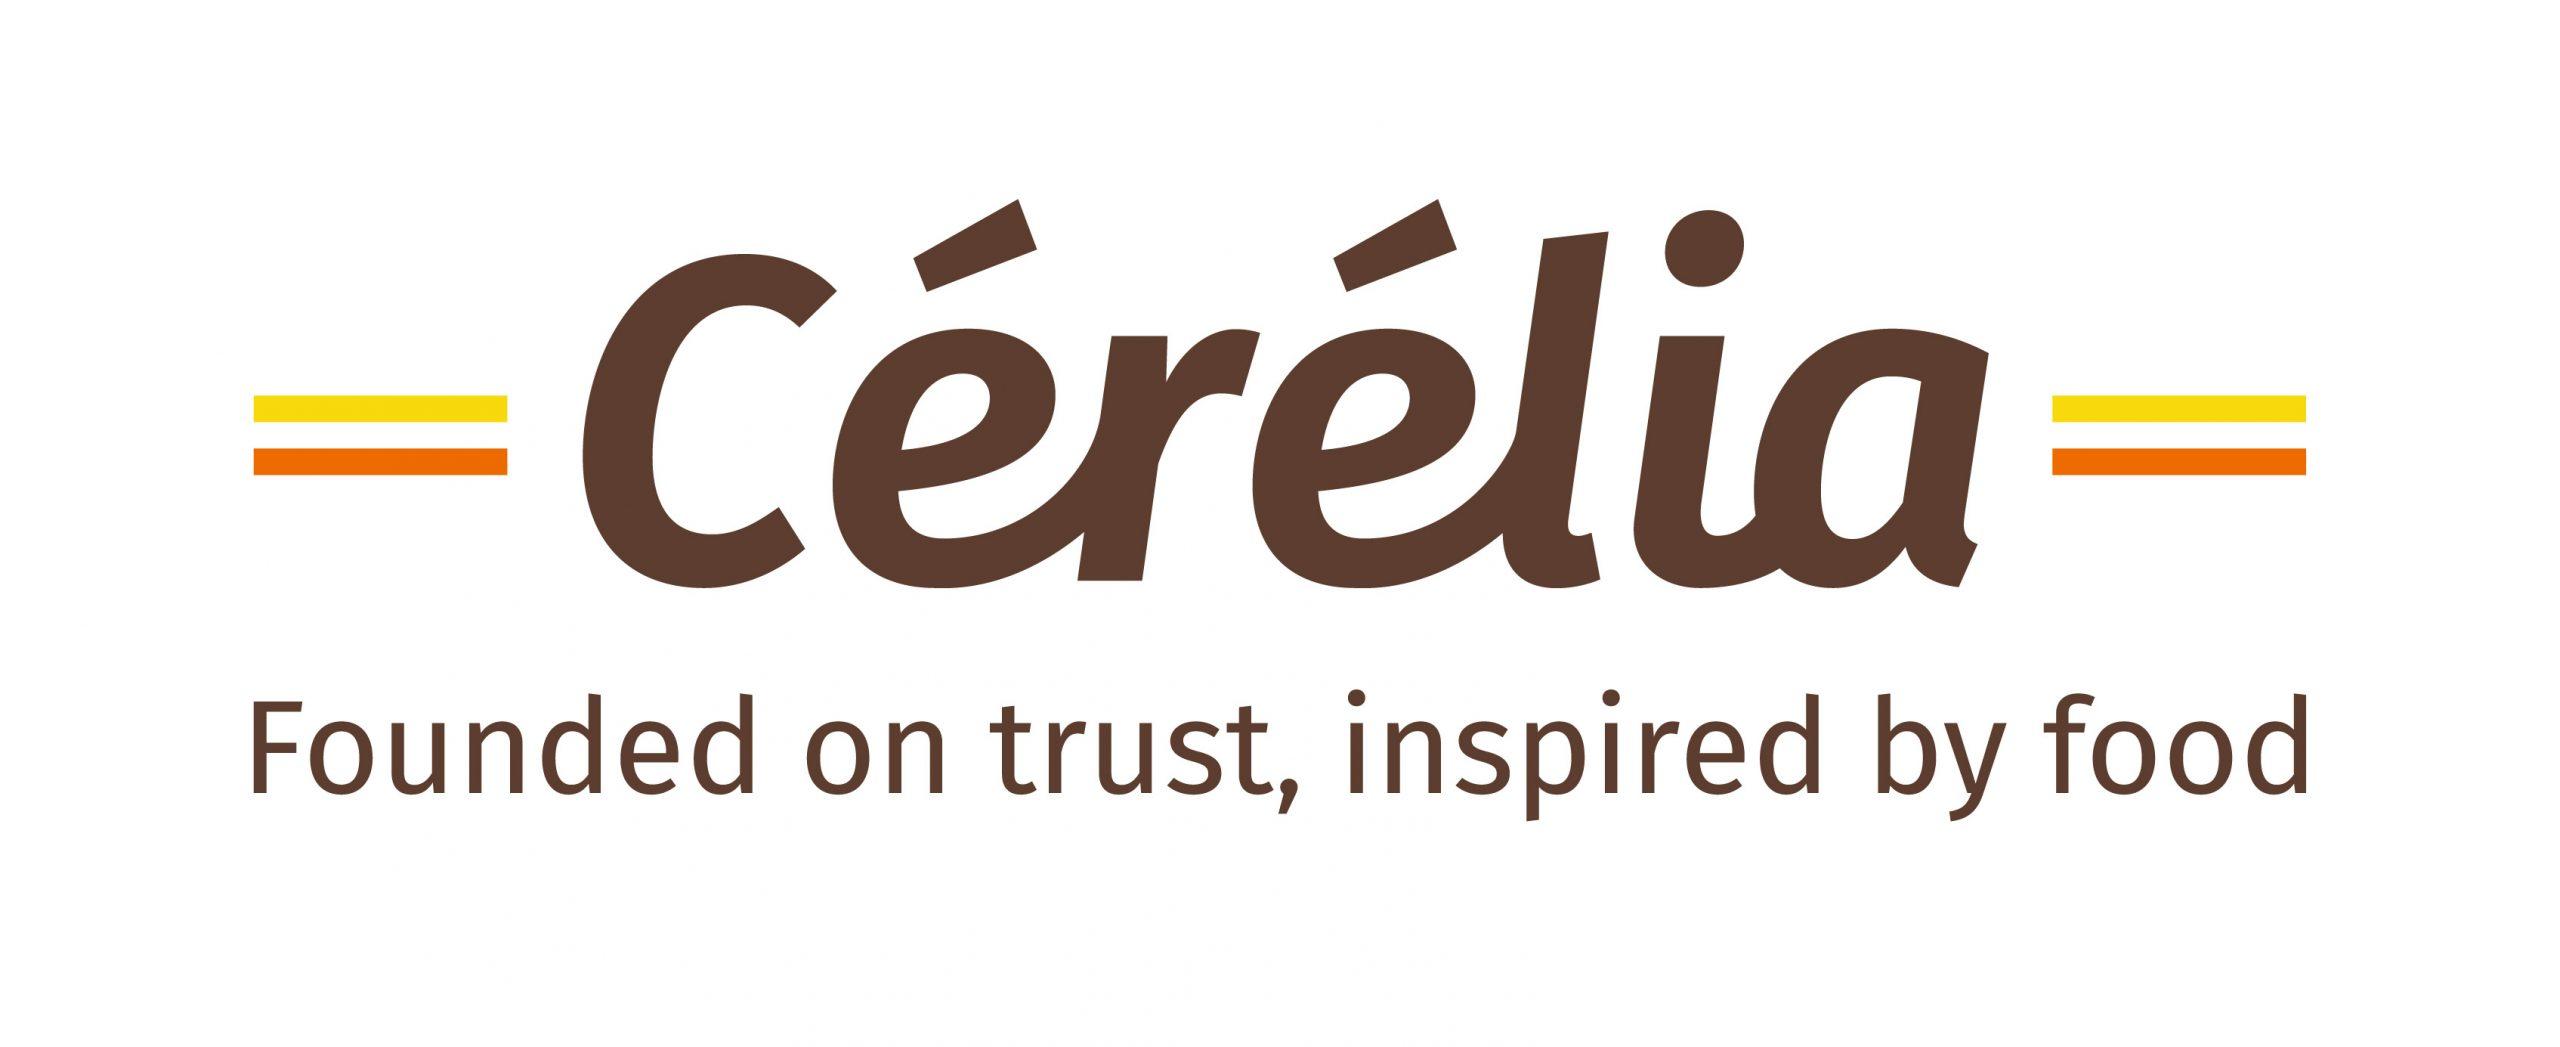 Cerelia verzorgt op grote schaal ambachtelijke, kant-en-klare pannenkoeken en poffertjes